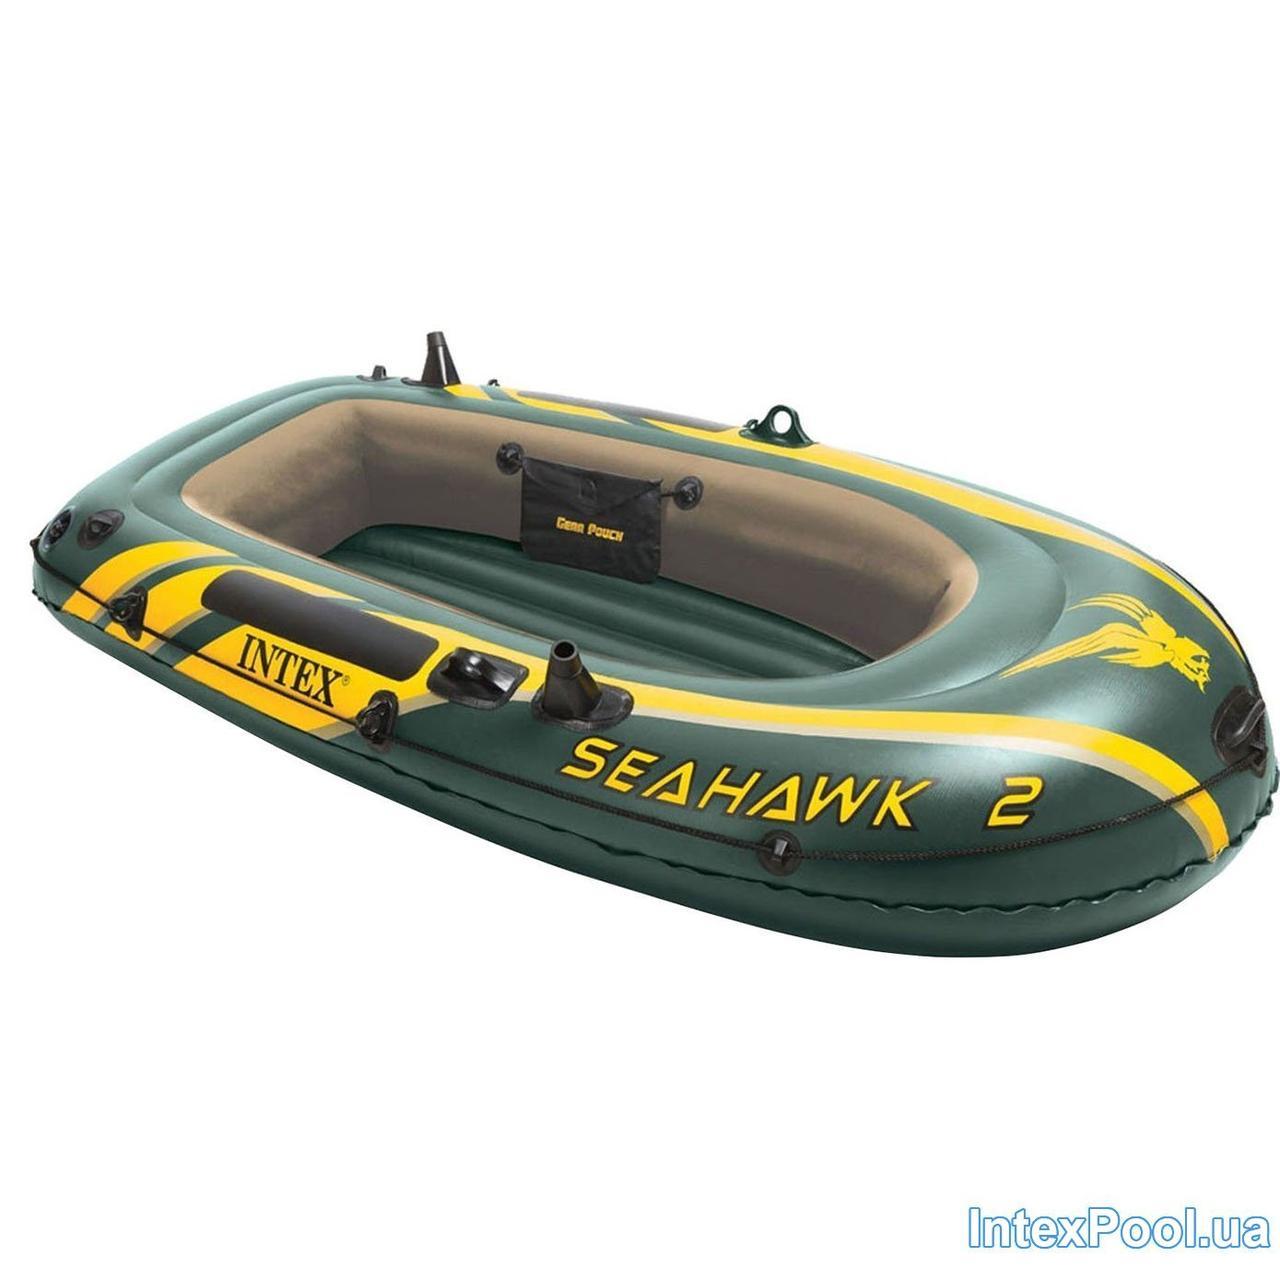 Двухместная надувная лодка Intex 68346 Seahawk 2, 236 х 114 х 41 см